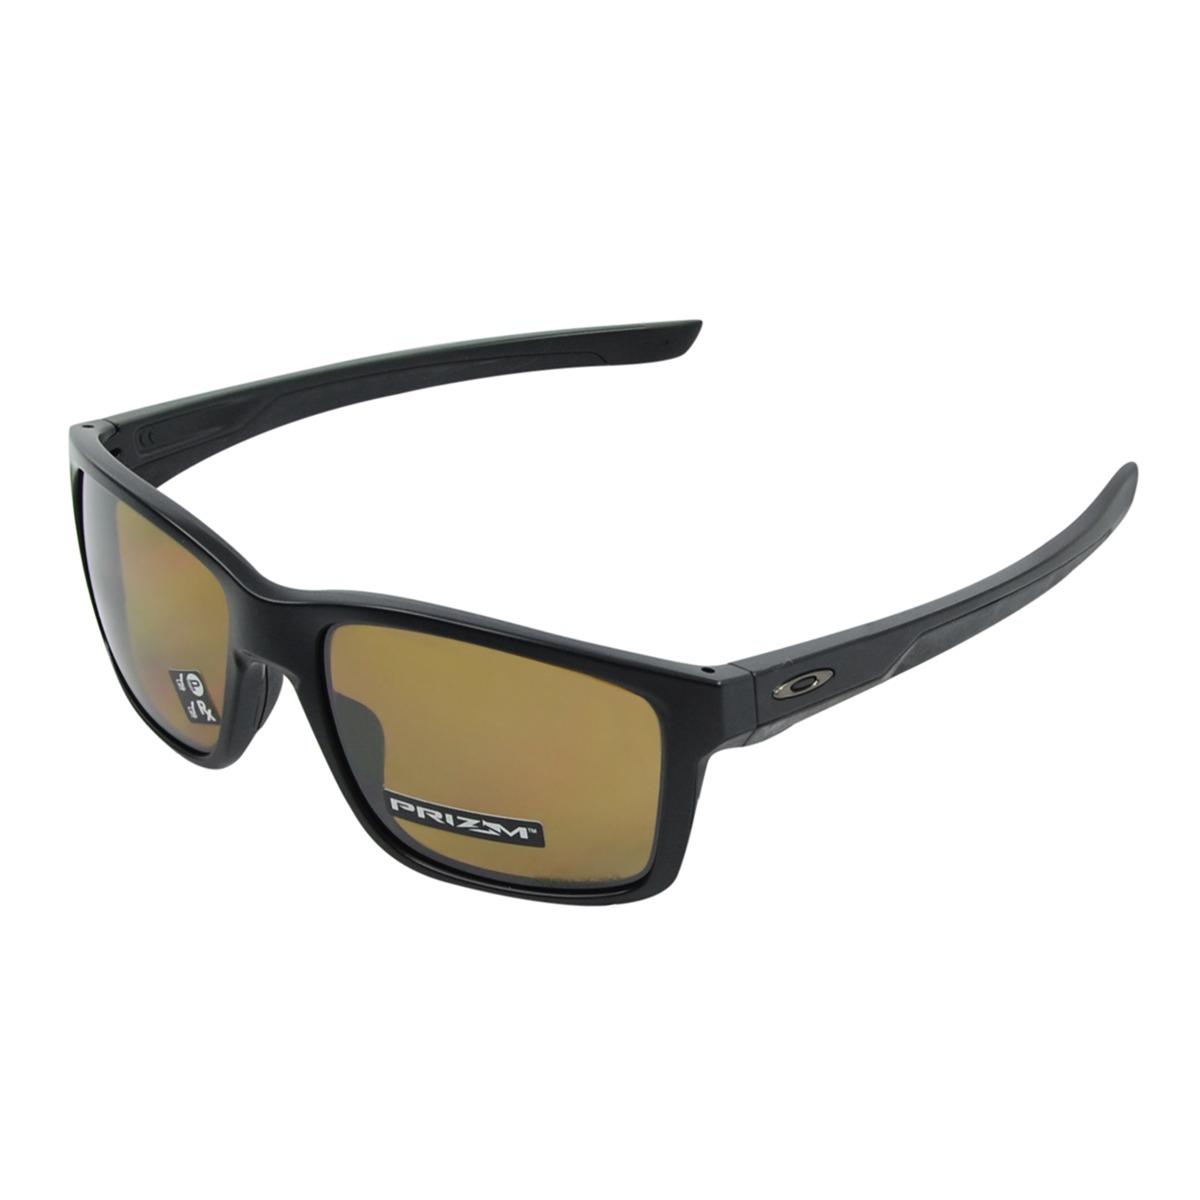 9bb7cc034ee84 Óculos Oakley Mainlink Matte Preto Tung - R  710,00 em Mercado Livre